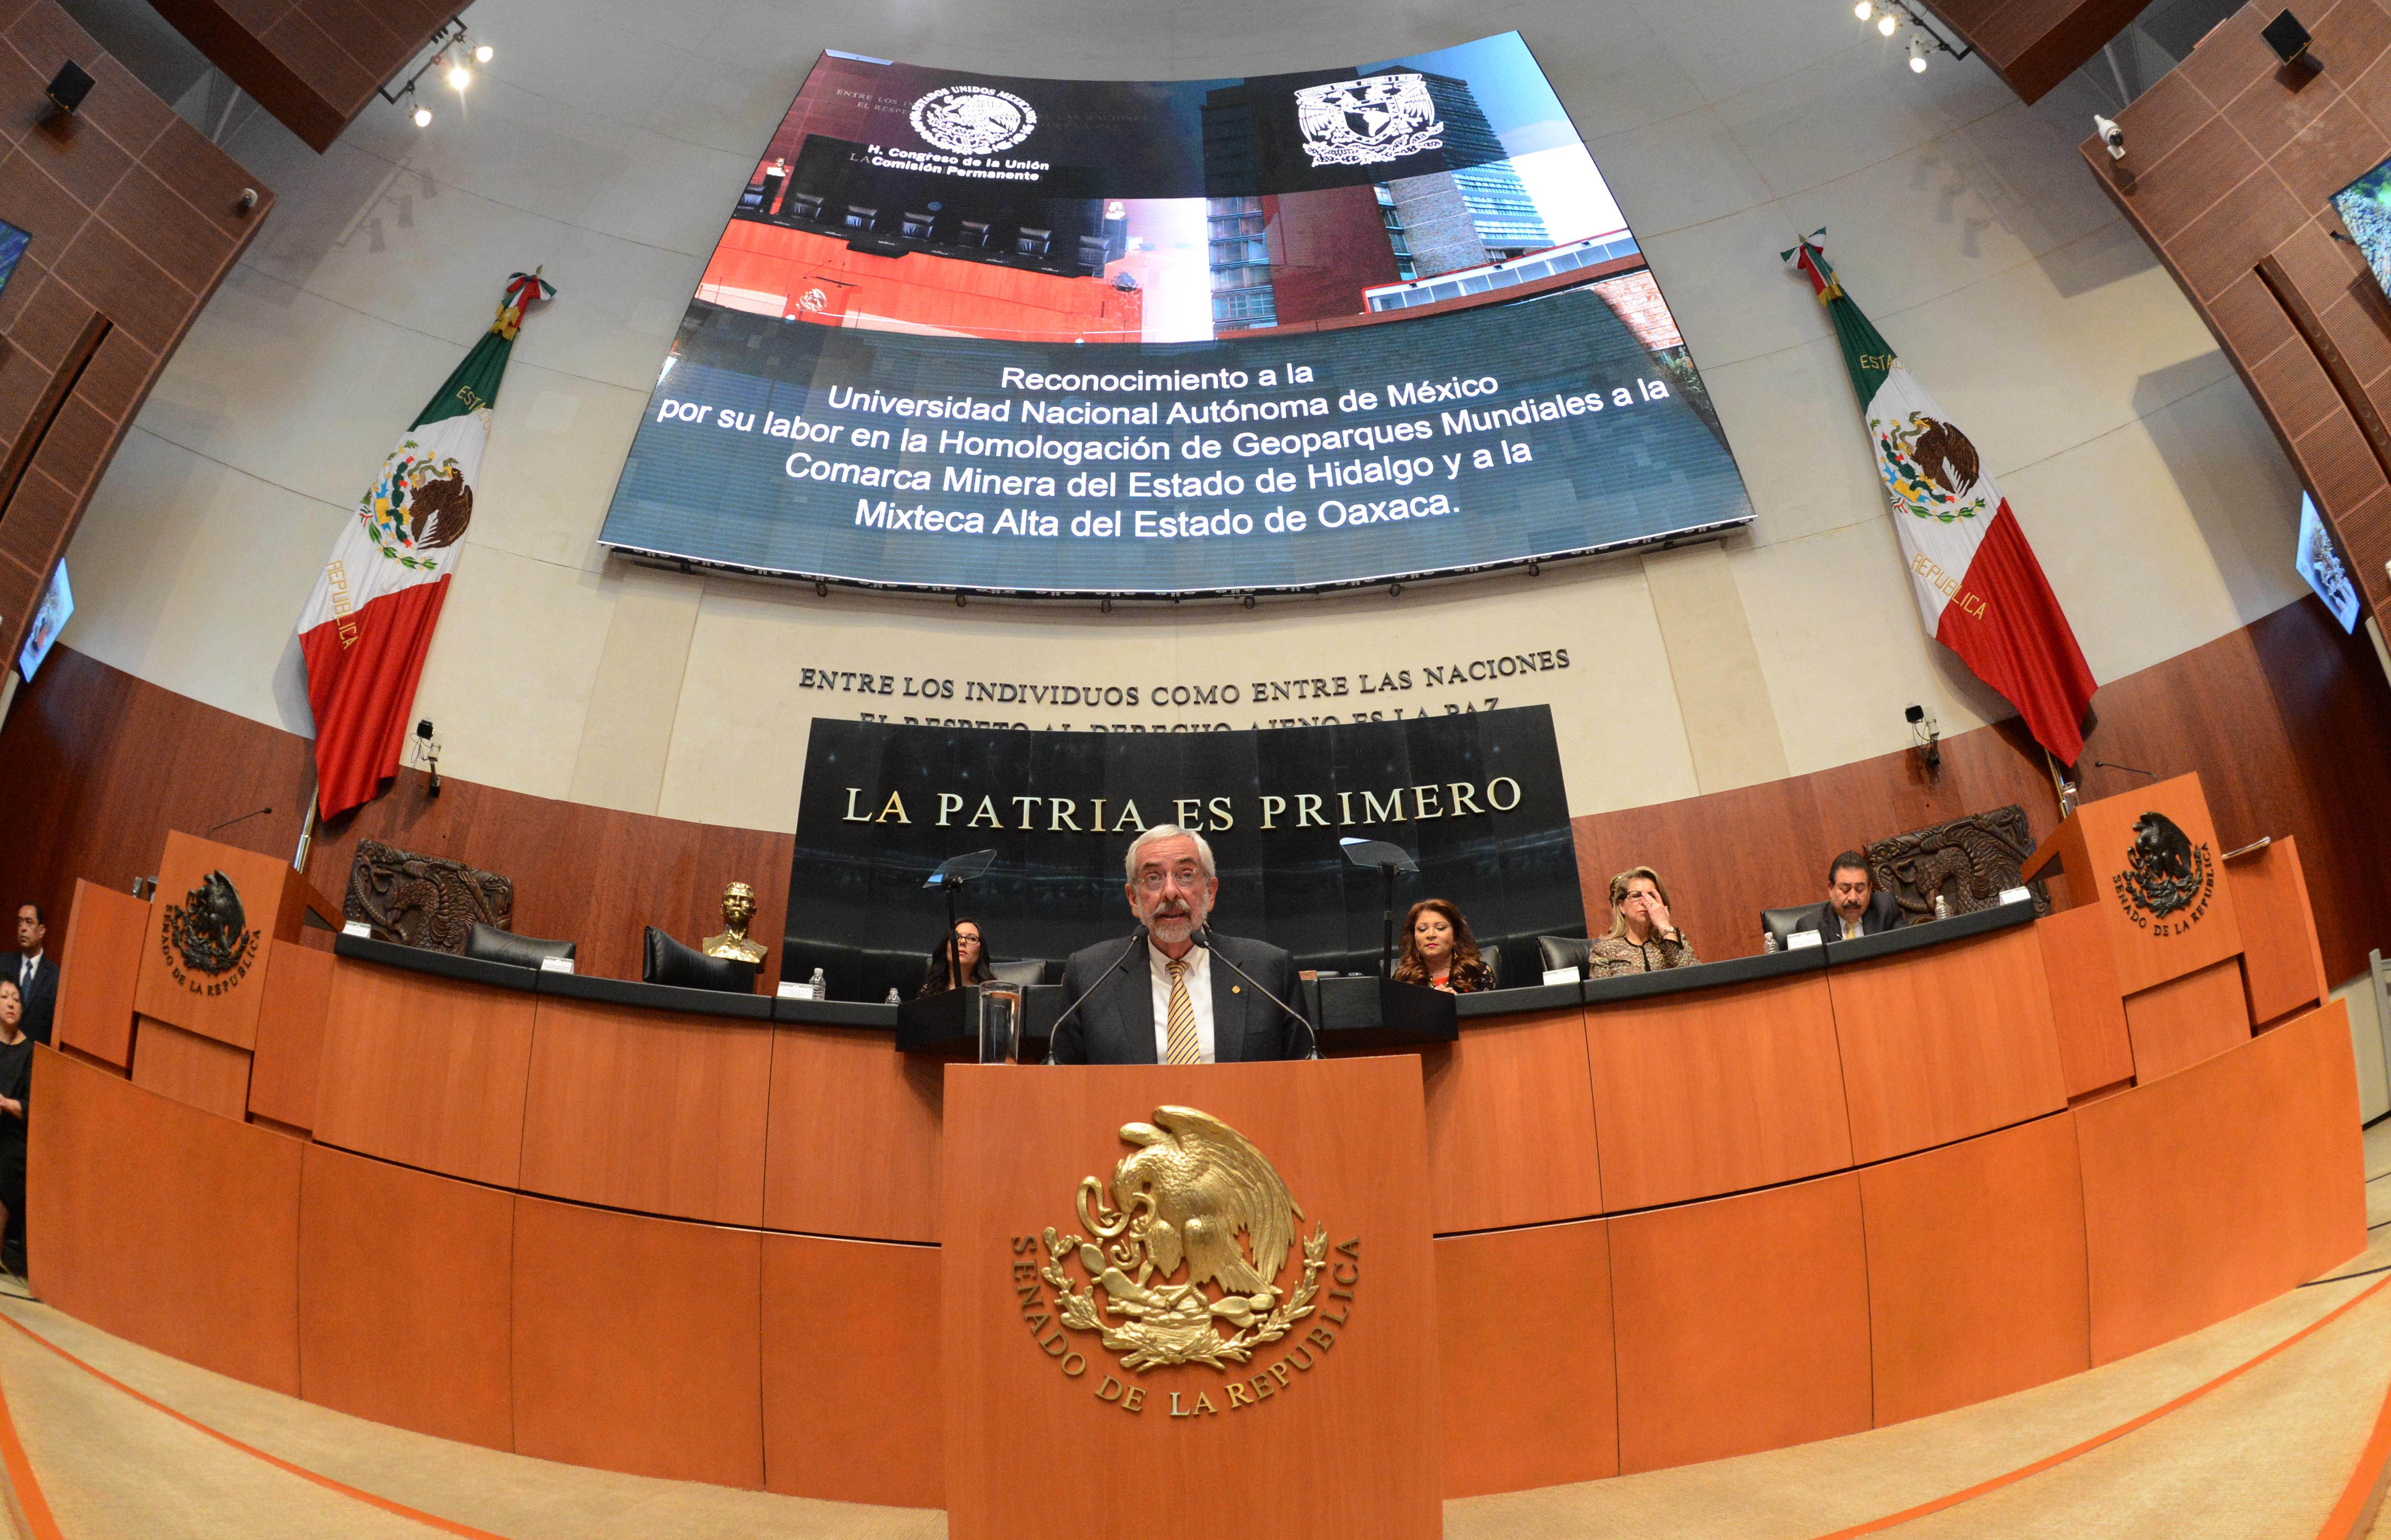 GESTIONARÁN LEGISLADORES MÁS PRESUPUESTO PARA LA UNAM